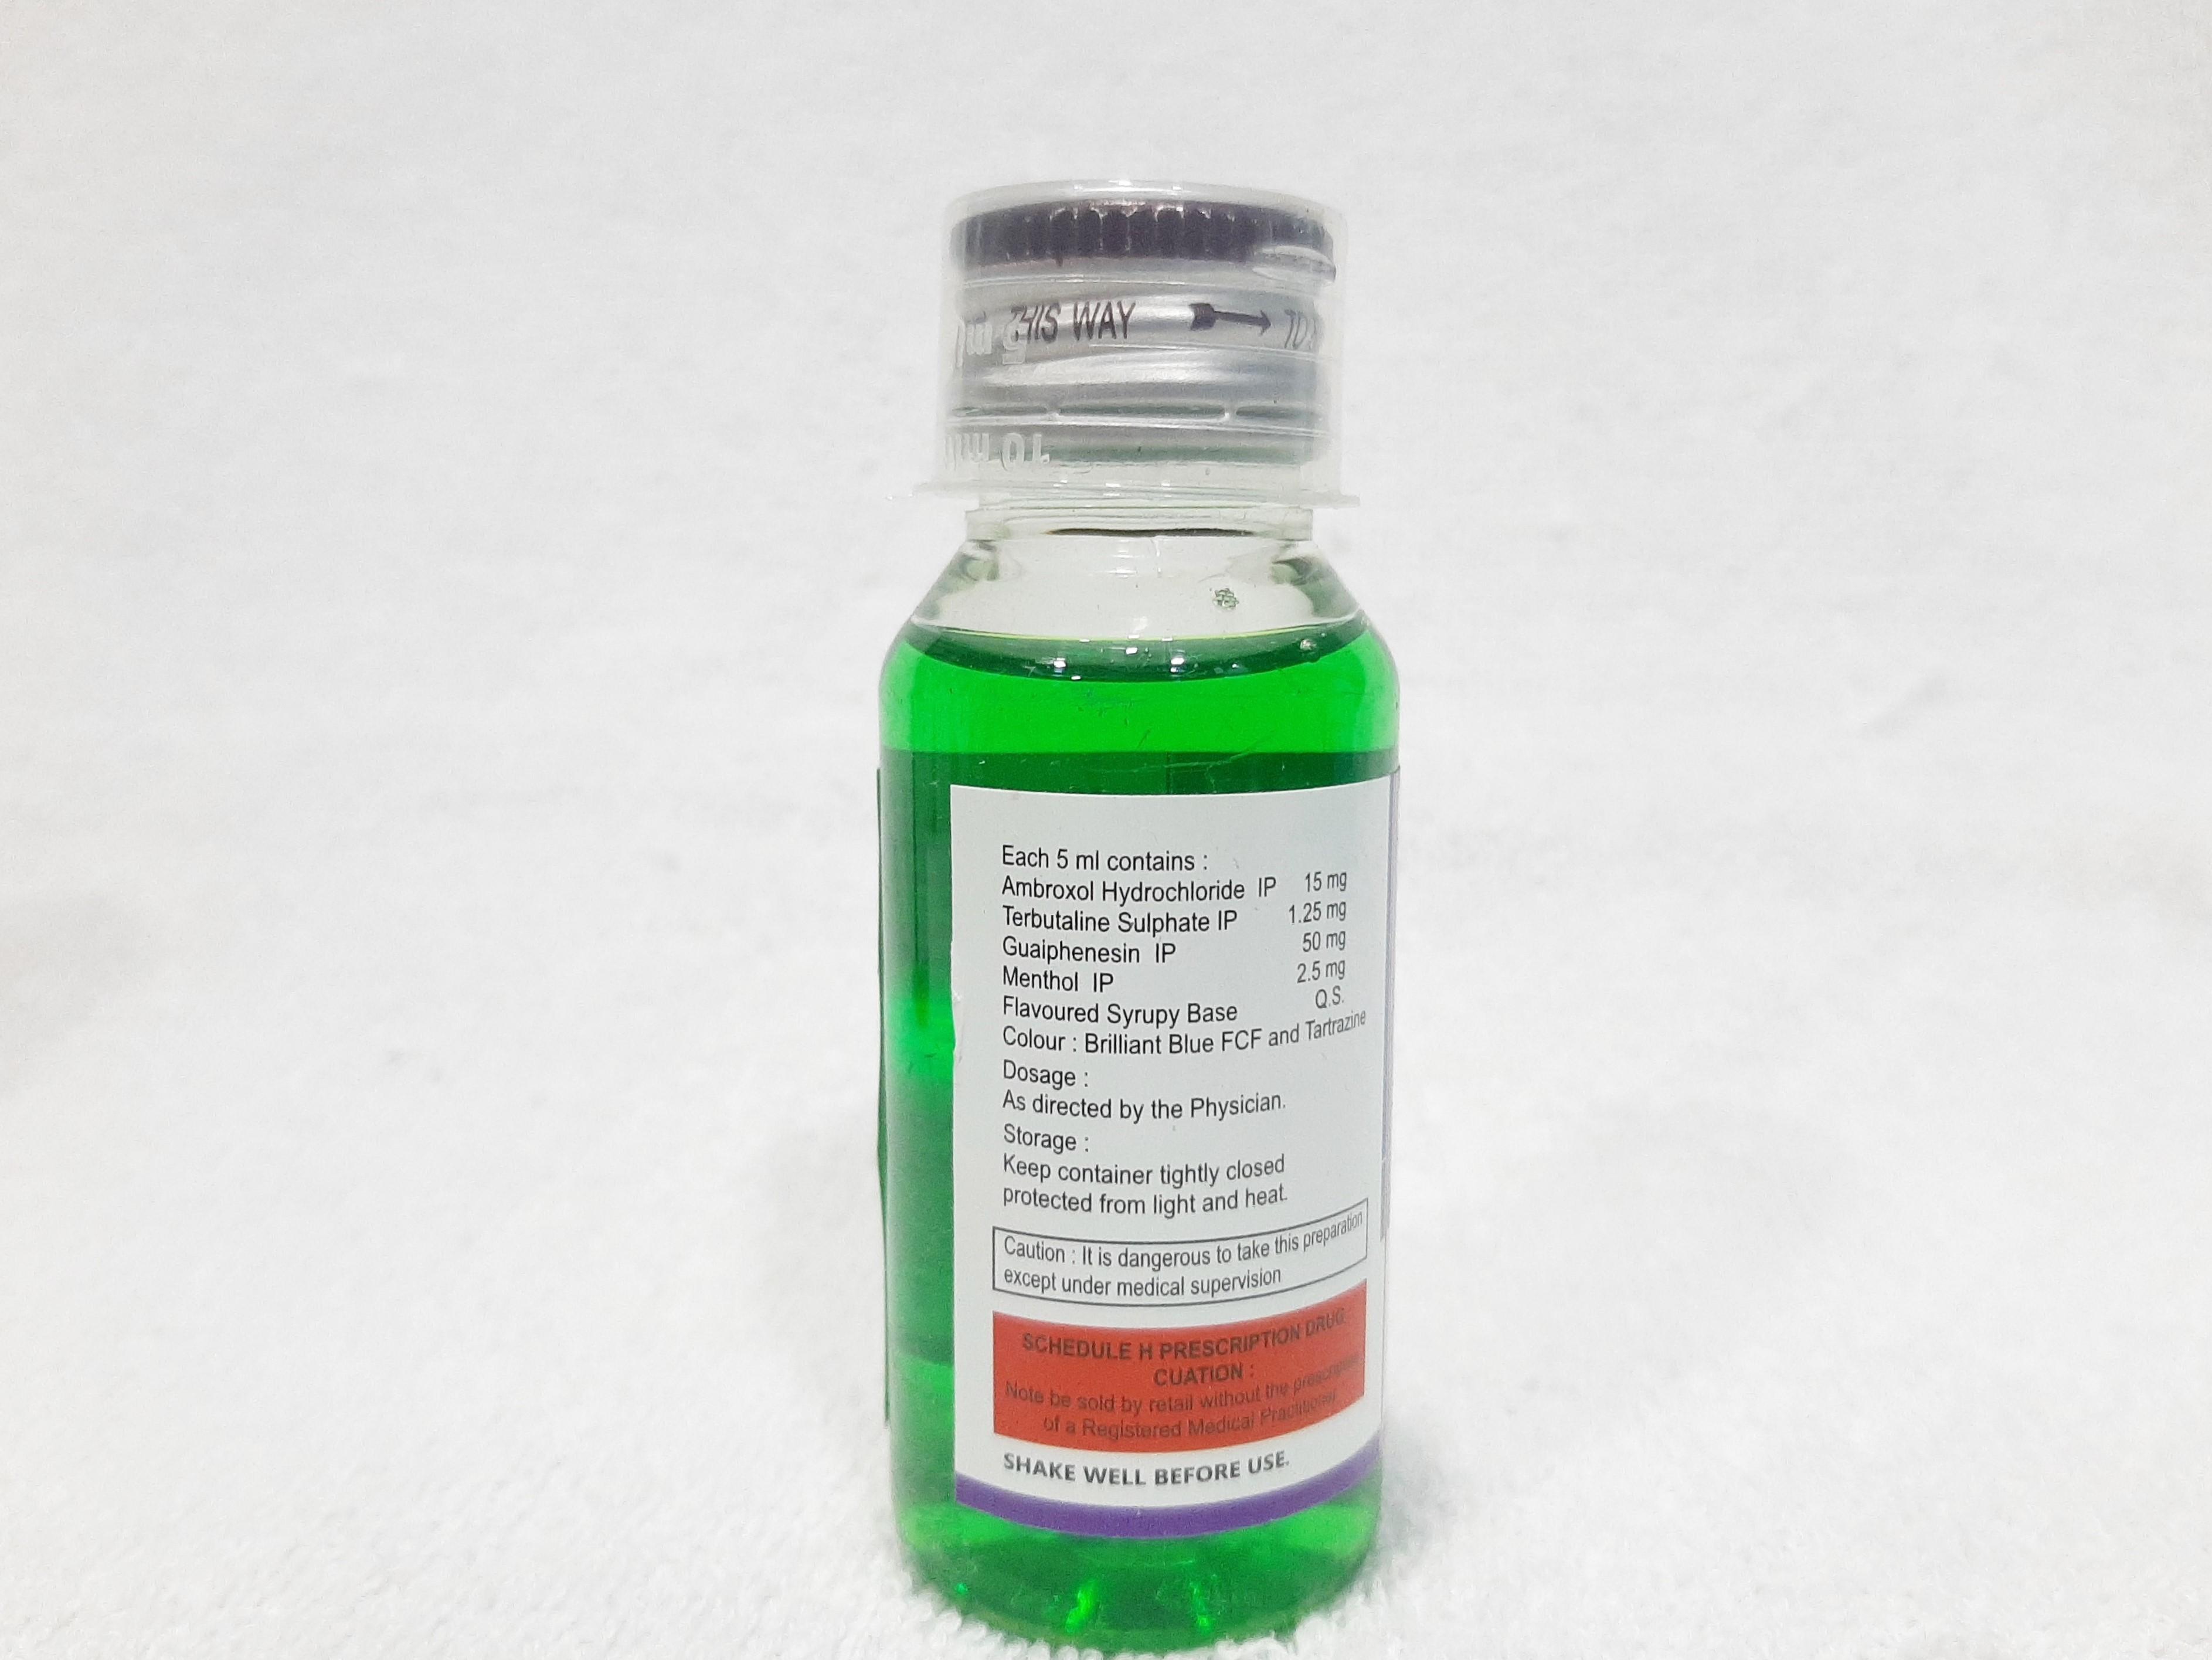 Ambroxol HCL 15mg, Terbutaline Sulphate 1.25mg, Guiphenesin 50mg, Menthol 2.5mg